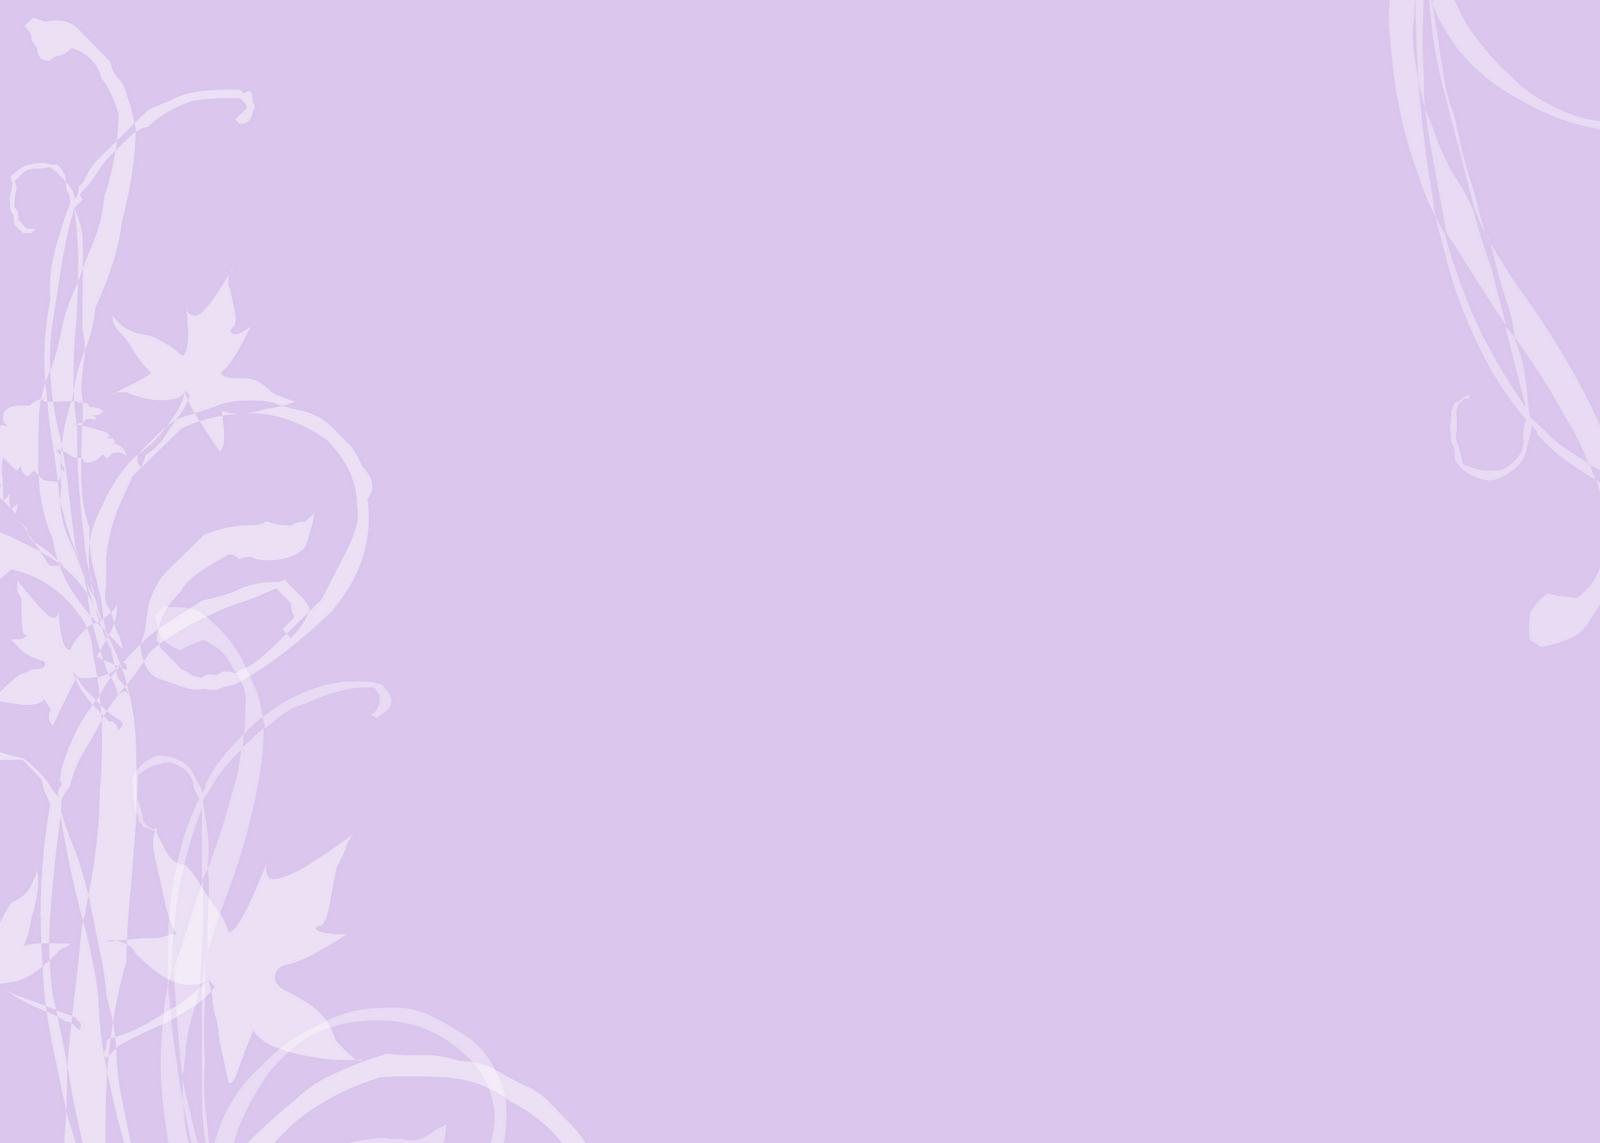 Free Purple Wedding Invitation Template